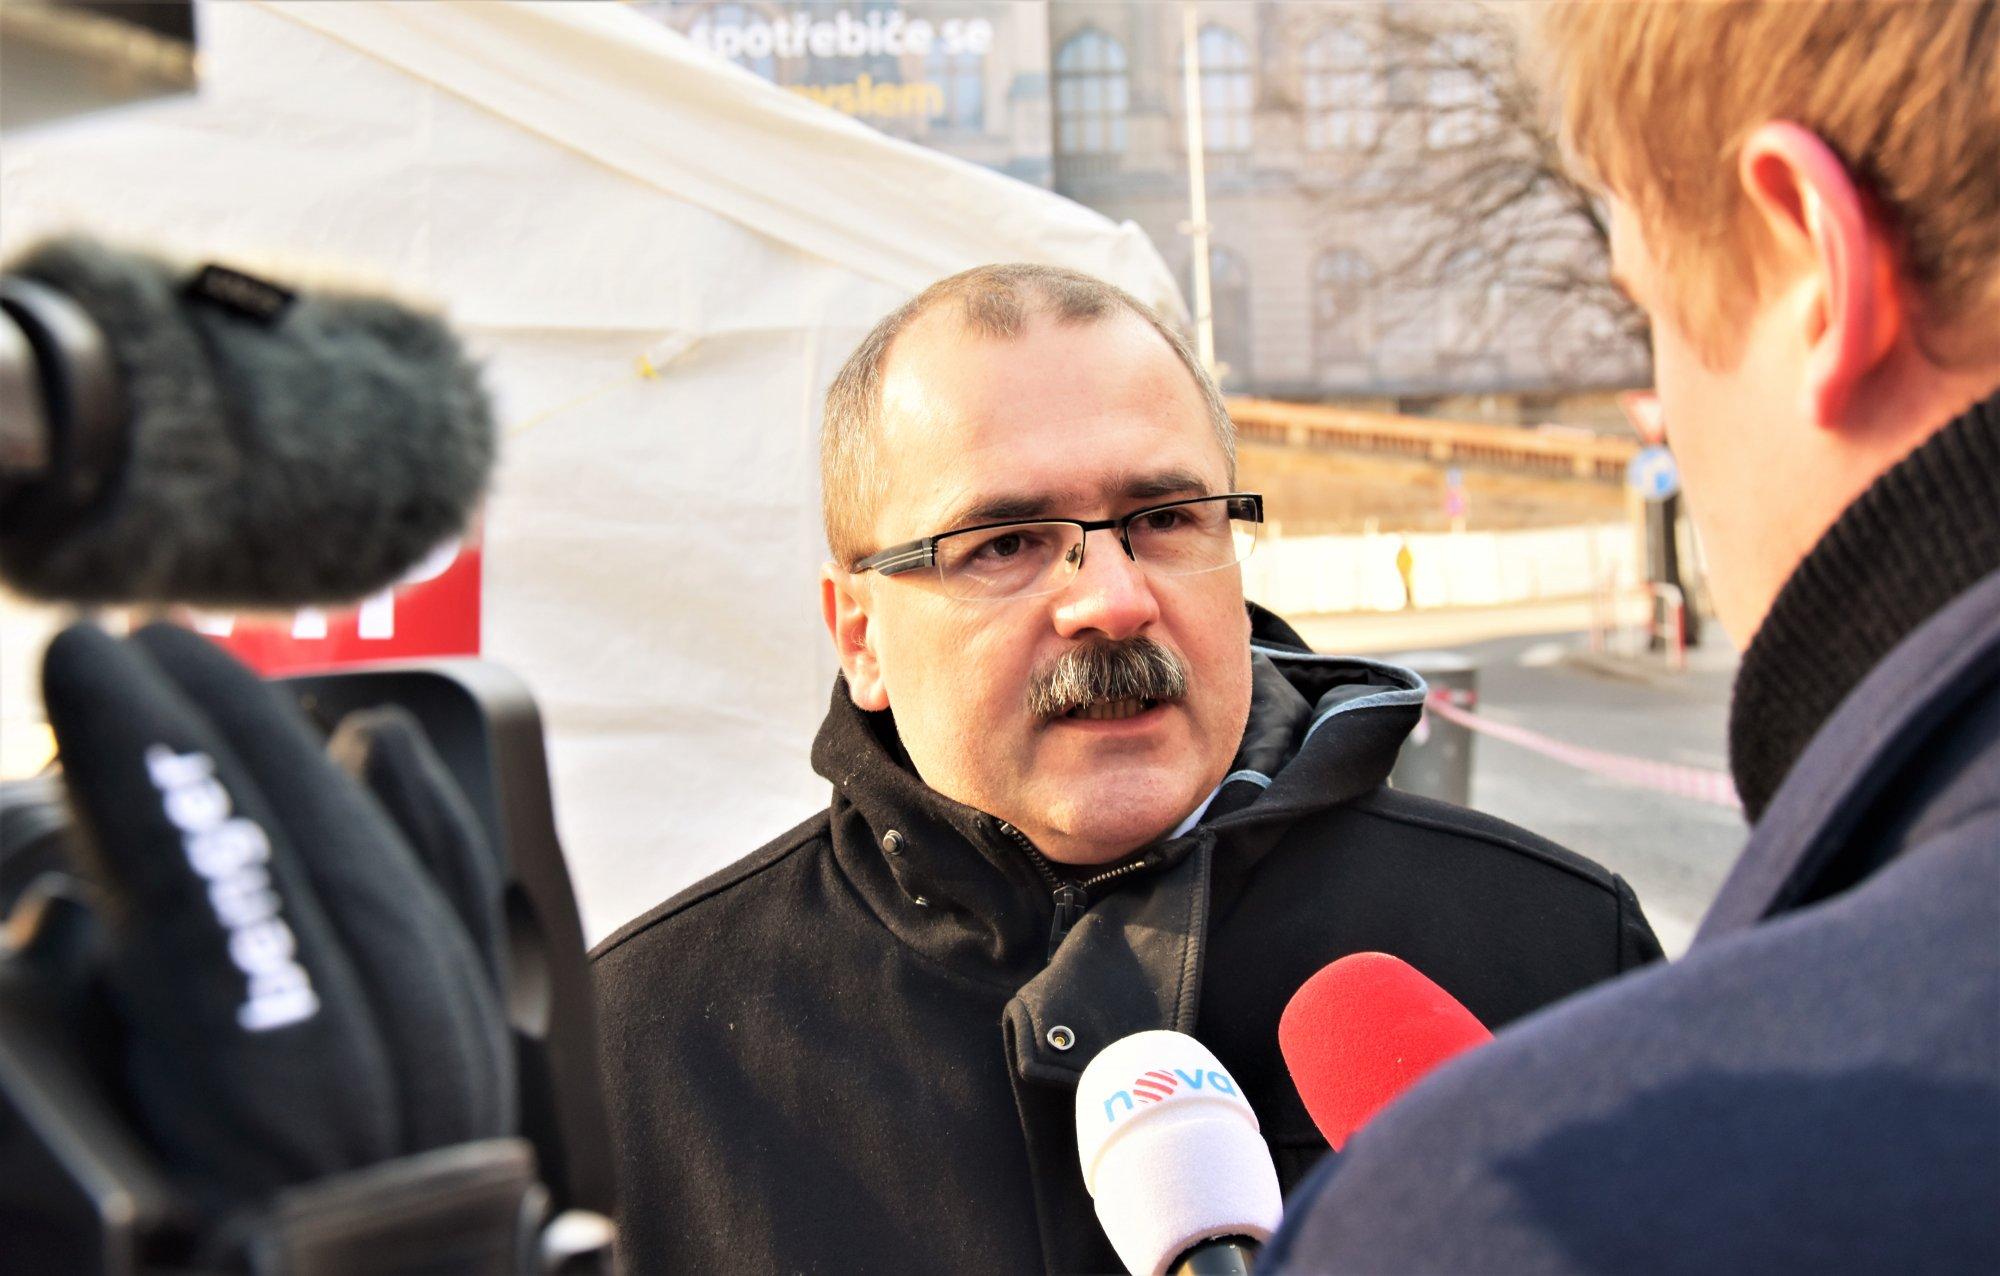 Písemná interpelace na ministra vnitra ve věci možného politického ovlivňování orgánů činných v trestním řízení vedeném proti managementu ÚSTR